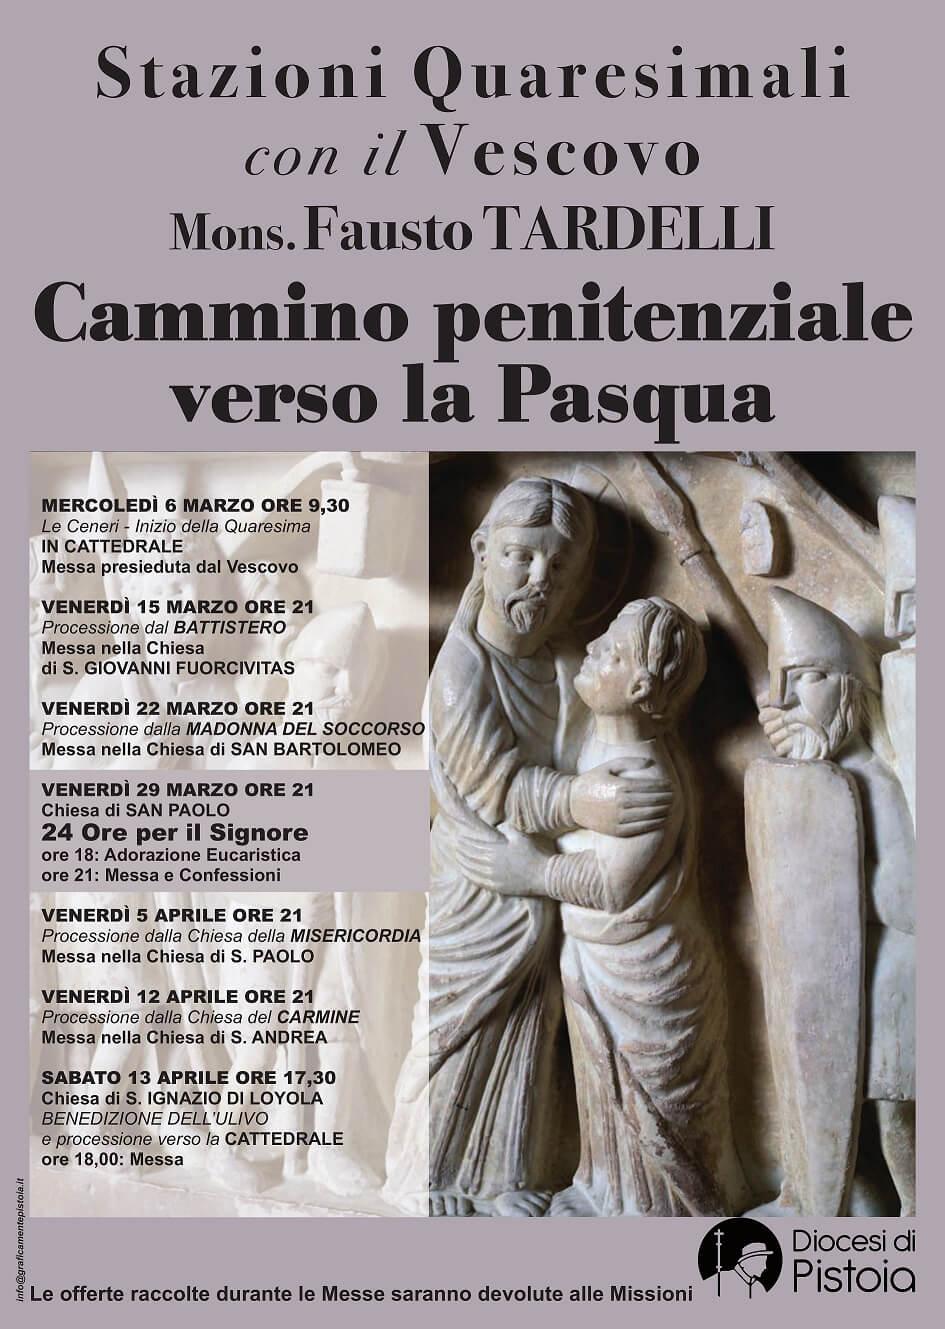 Storia e restauro di due capolavori nella cattedrale di S Zeno I Medici Il monumento al cardinale Niccol/ò Forteguerri... il Verrocchio e Pistoia